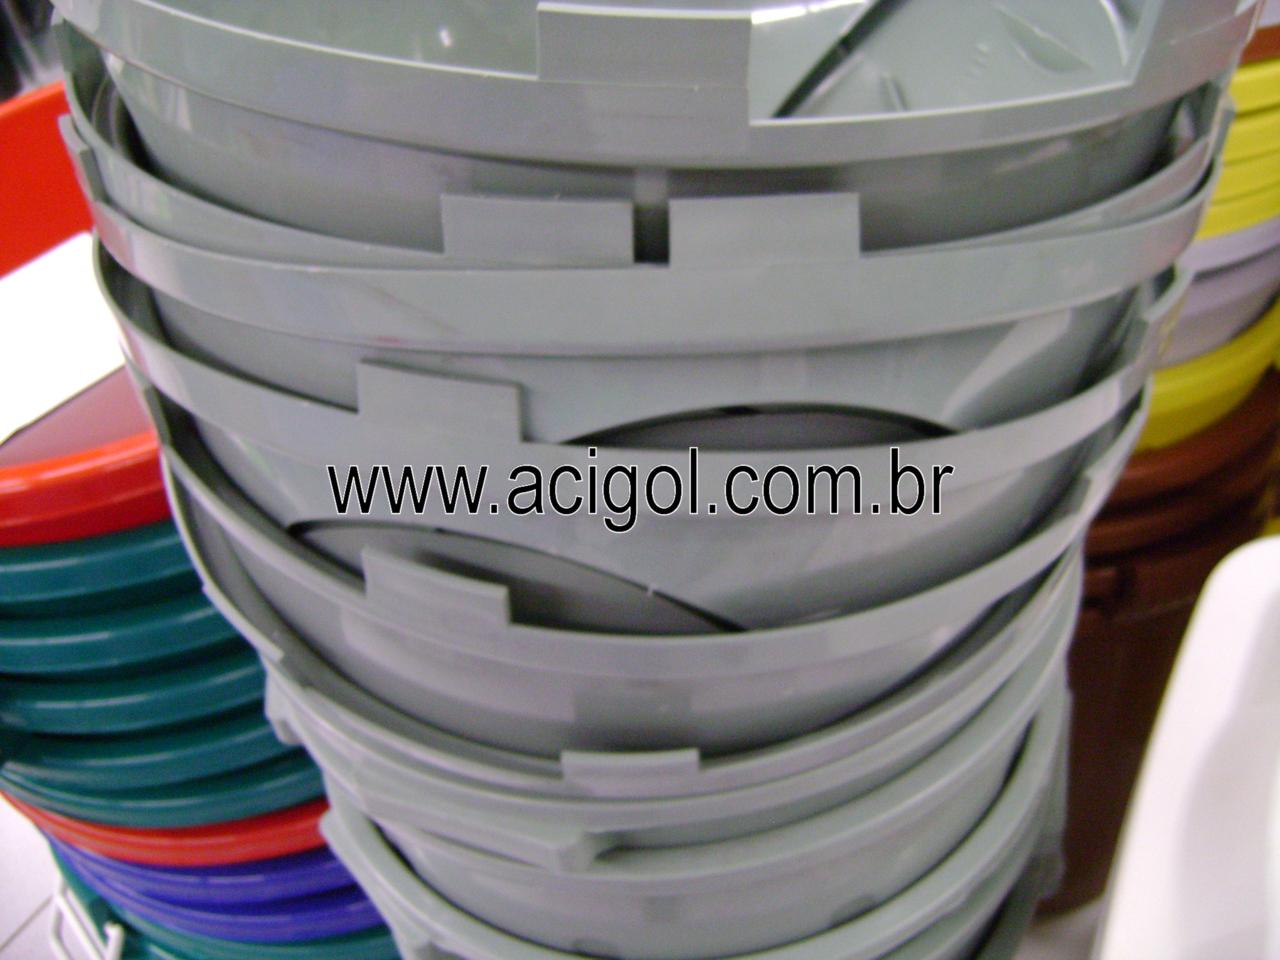 lixeira basculante 64 litros-Foto Acigol Recife 81 34451782